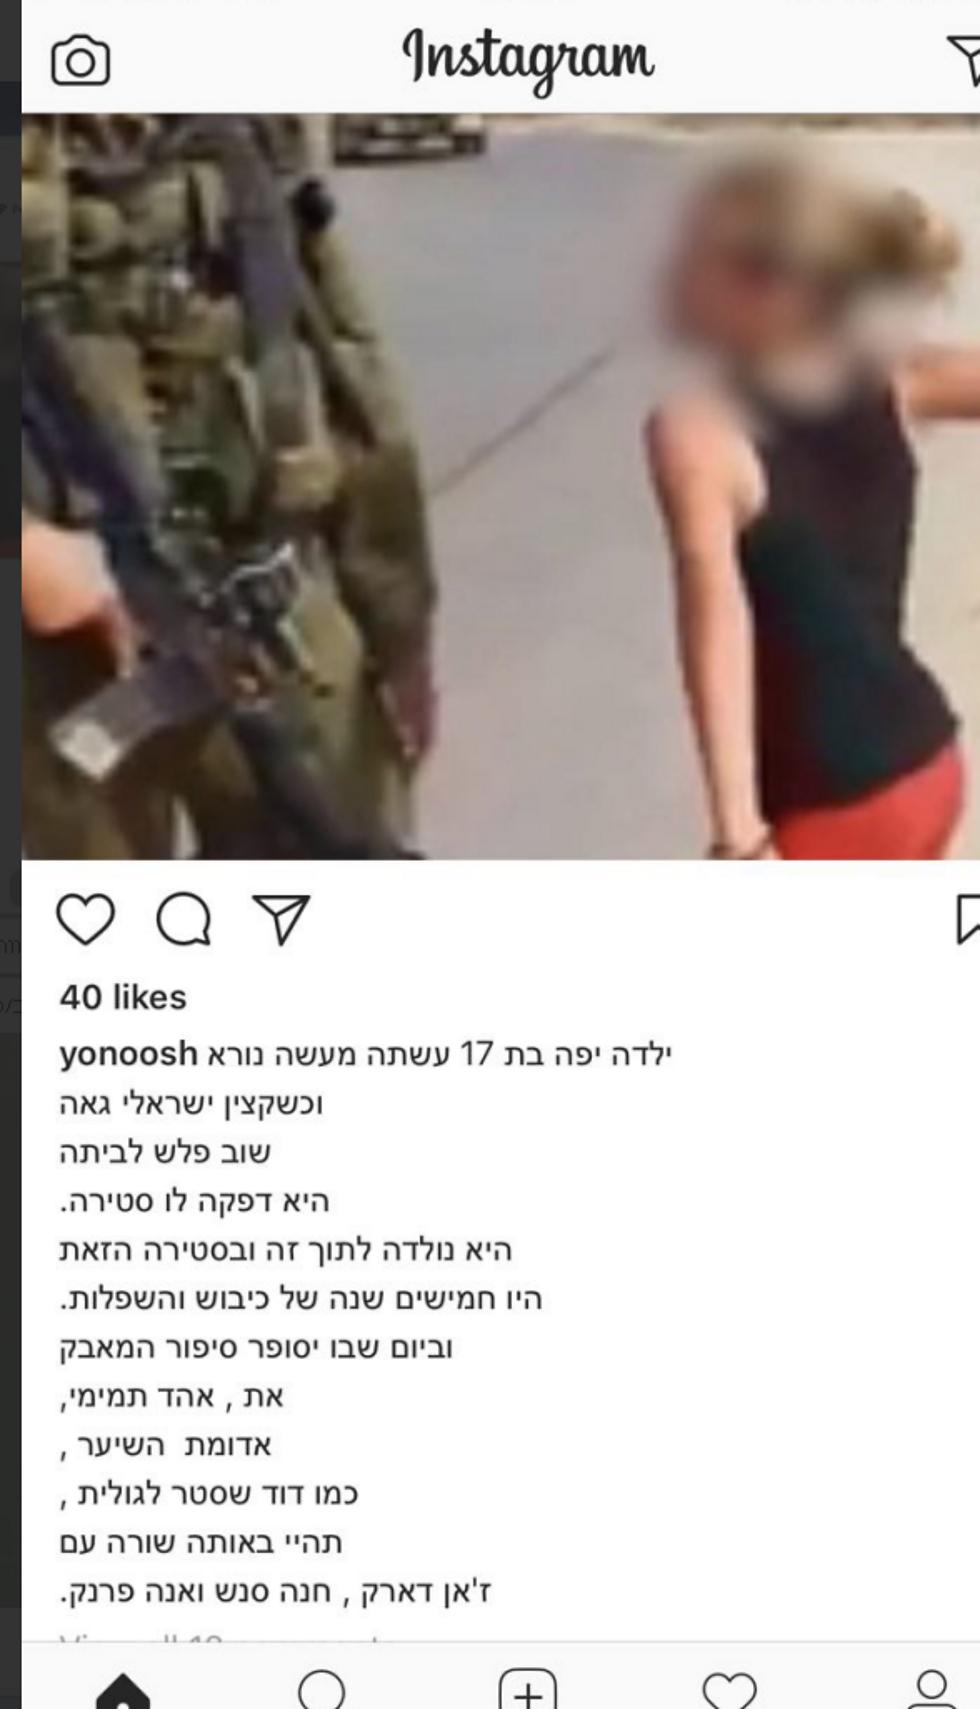 Geffen's Instagram post